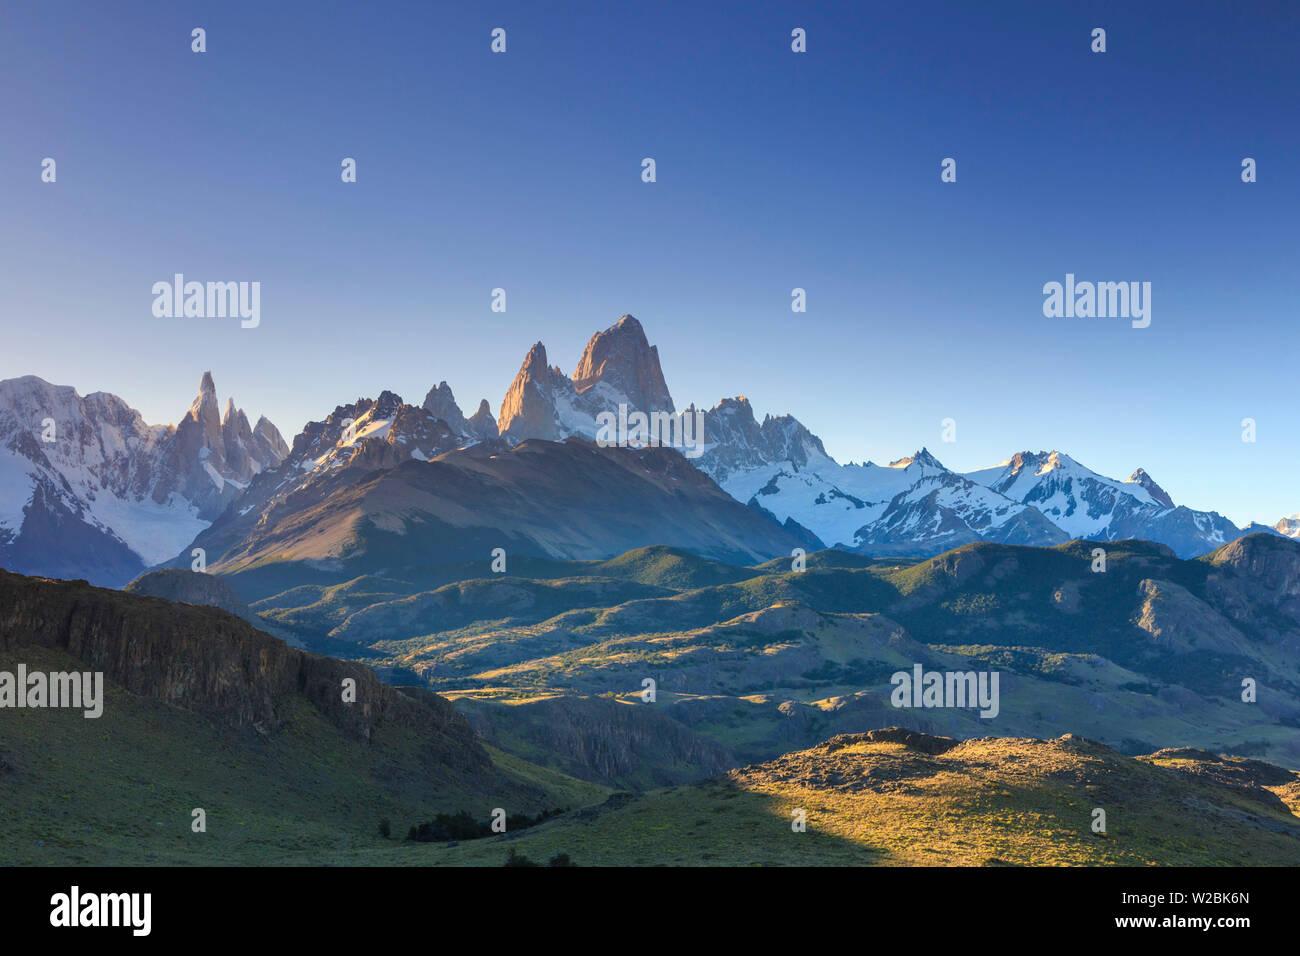 Argentina, Patagonia, El Chalten, Los Glaciares National Park, Cerro Torre and Cerro Fitzroy Peaks - Stock Image